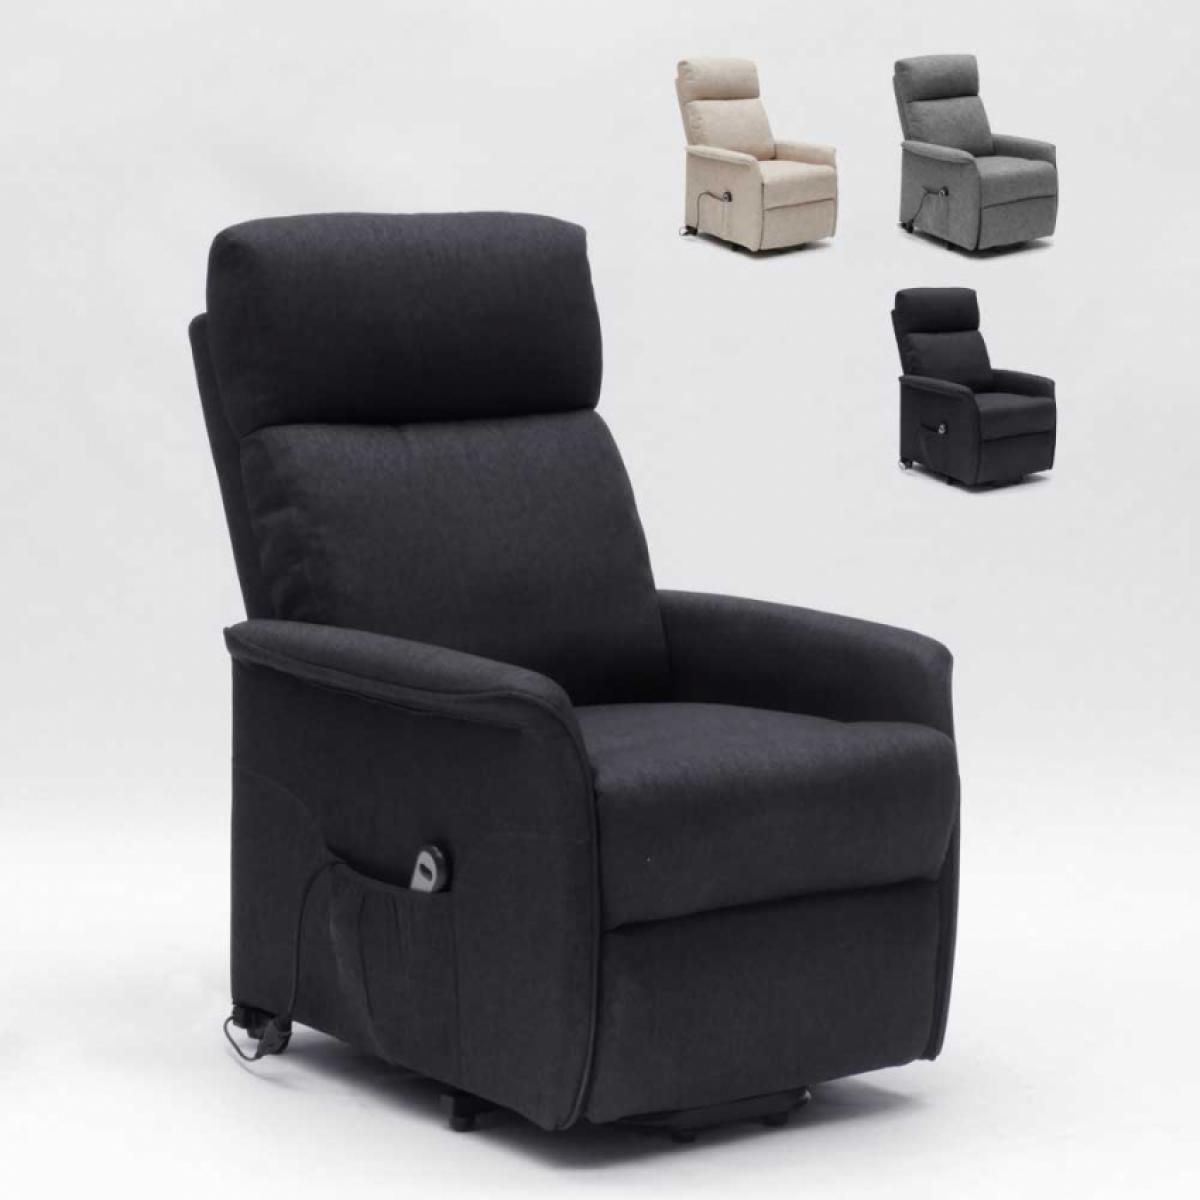 Le Roi du Relax Fauteuil relax électrique 2 moteurs système lève-personnes pour seniors Giorgia+, Couleur: Noir